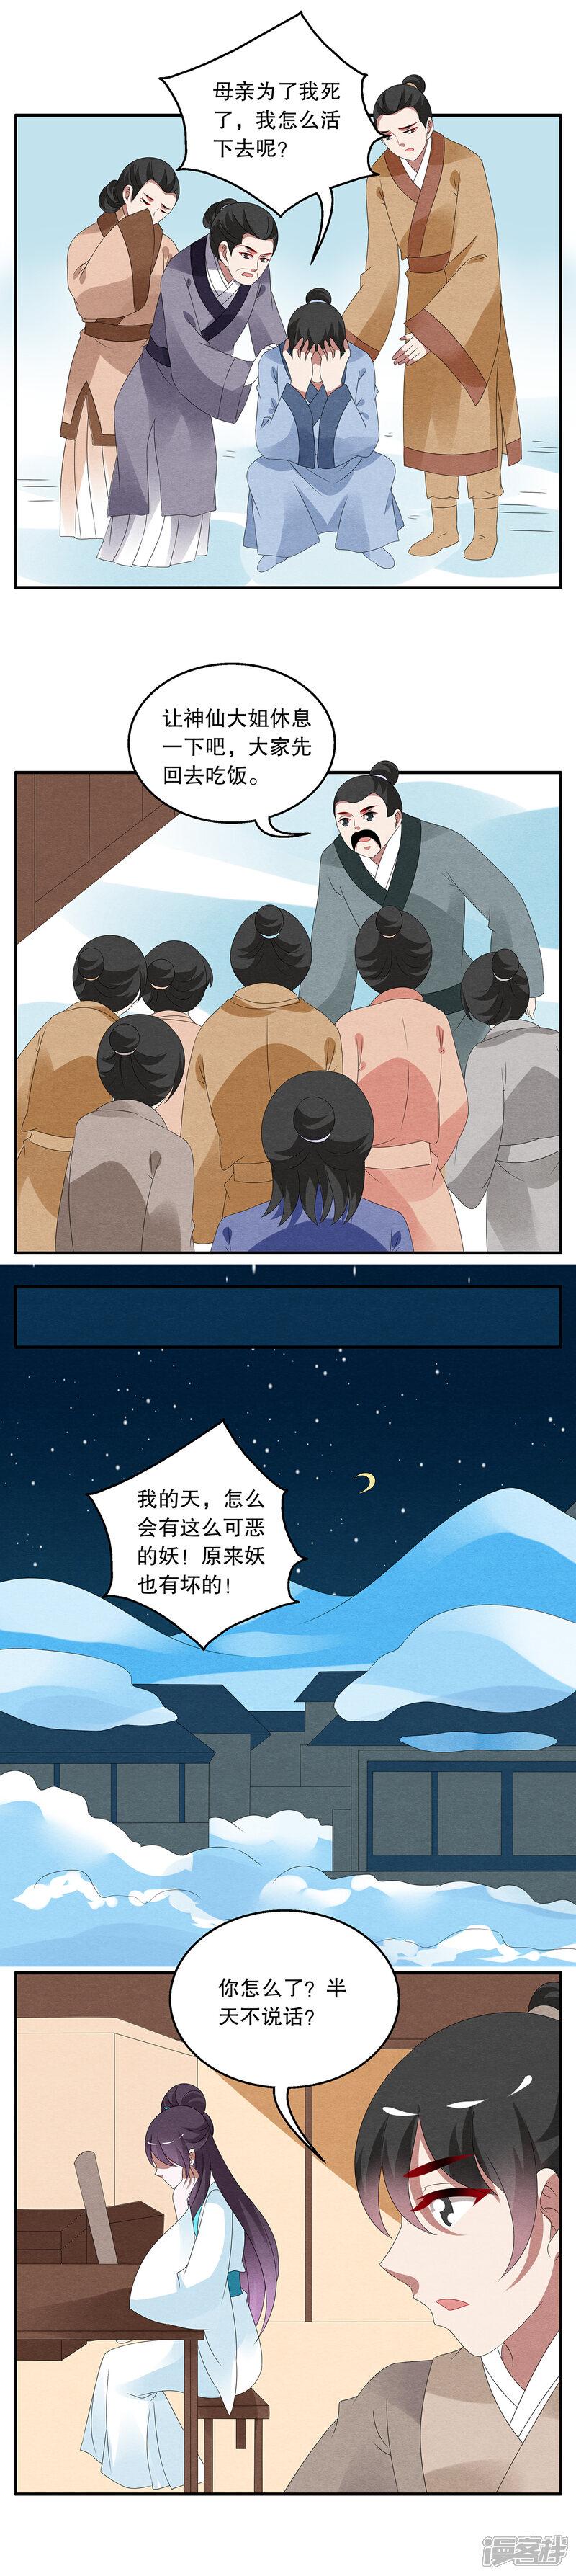 洛小妖90910005.JPG